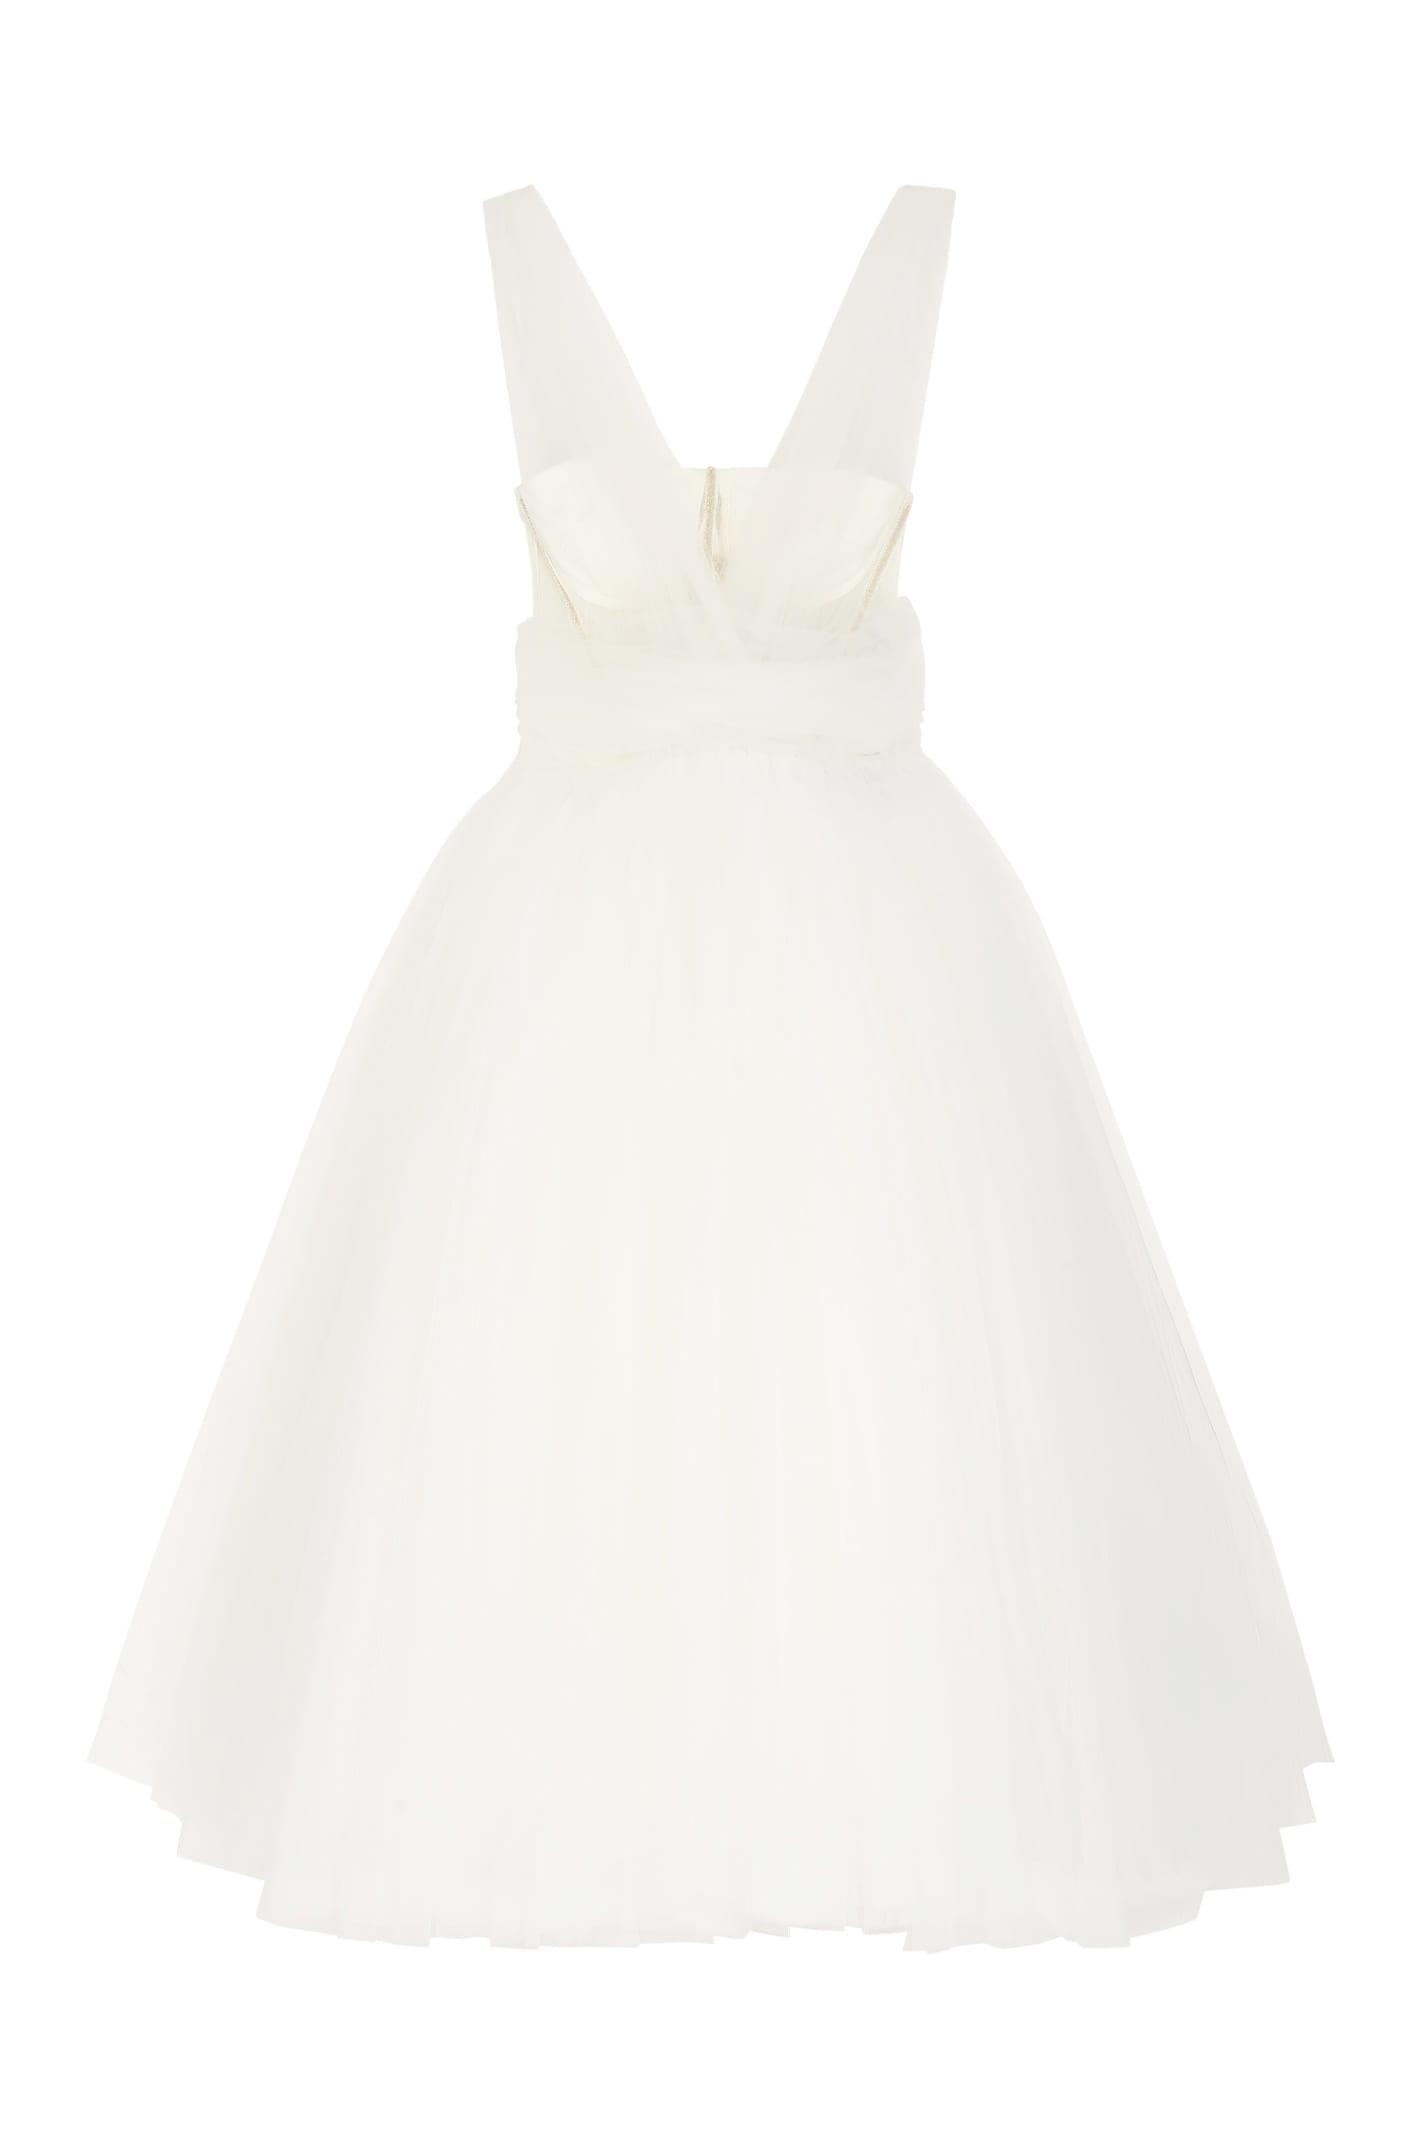 Dolce & Gabbana Maxi Tulle Dress